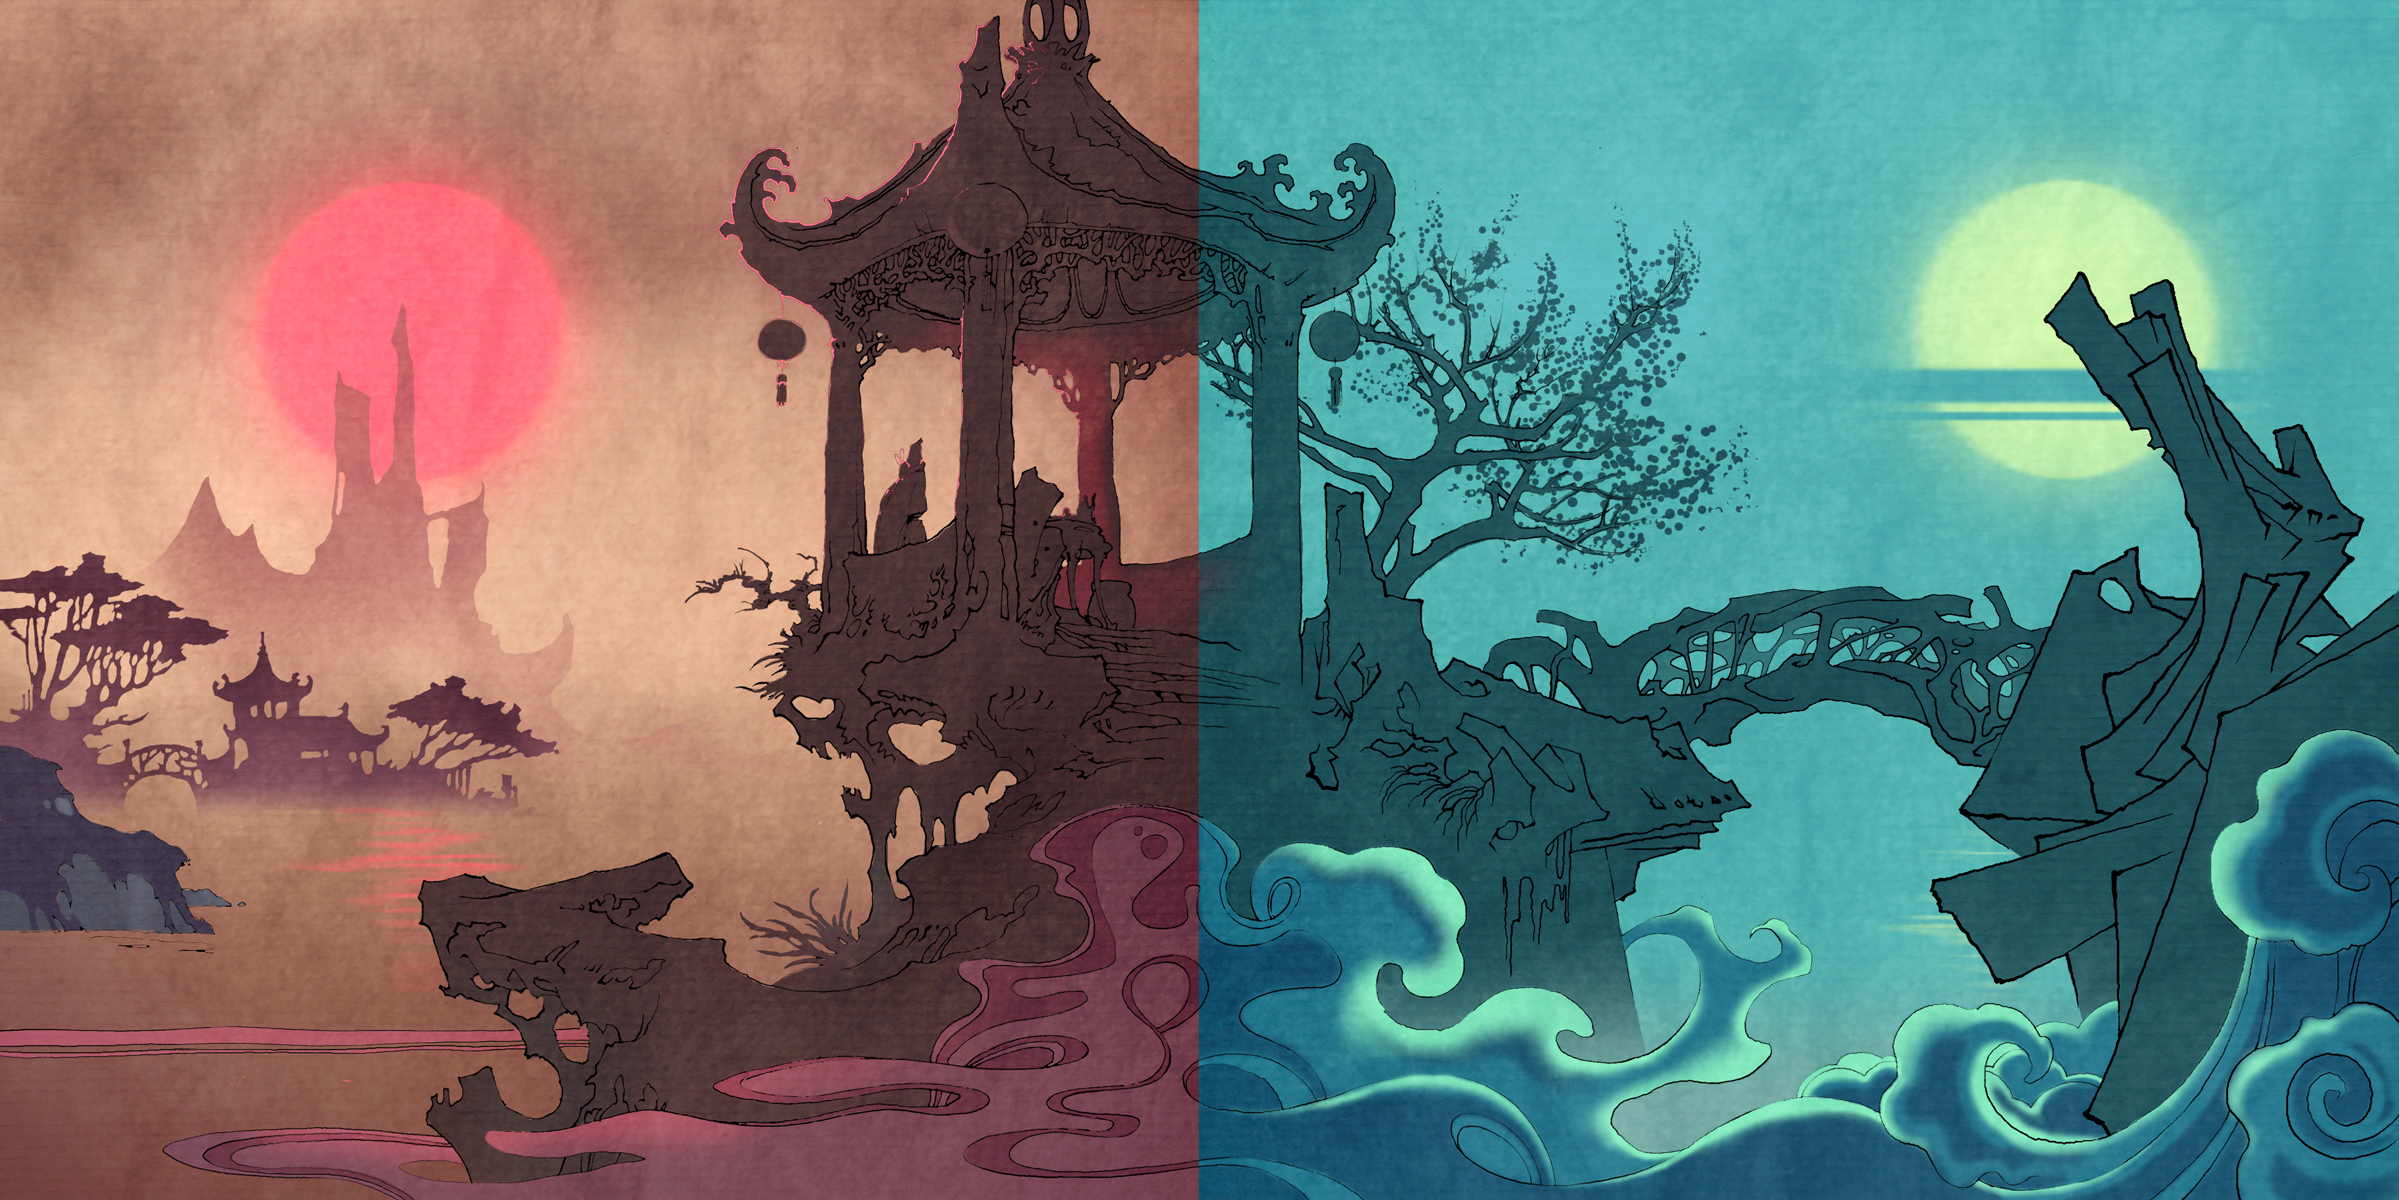 vietnamese fairytale - 2 by HiepHD